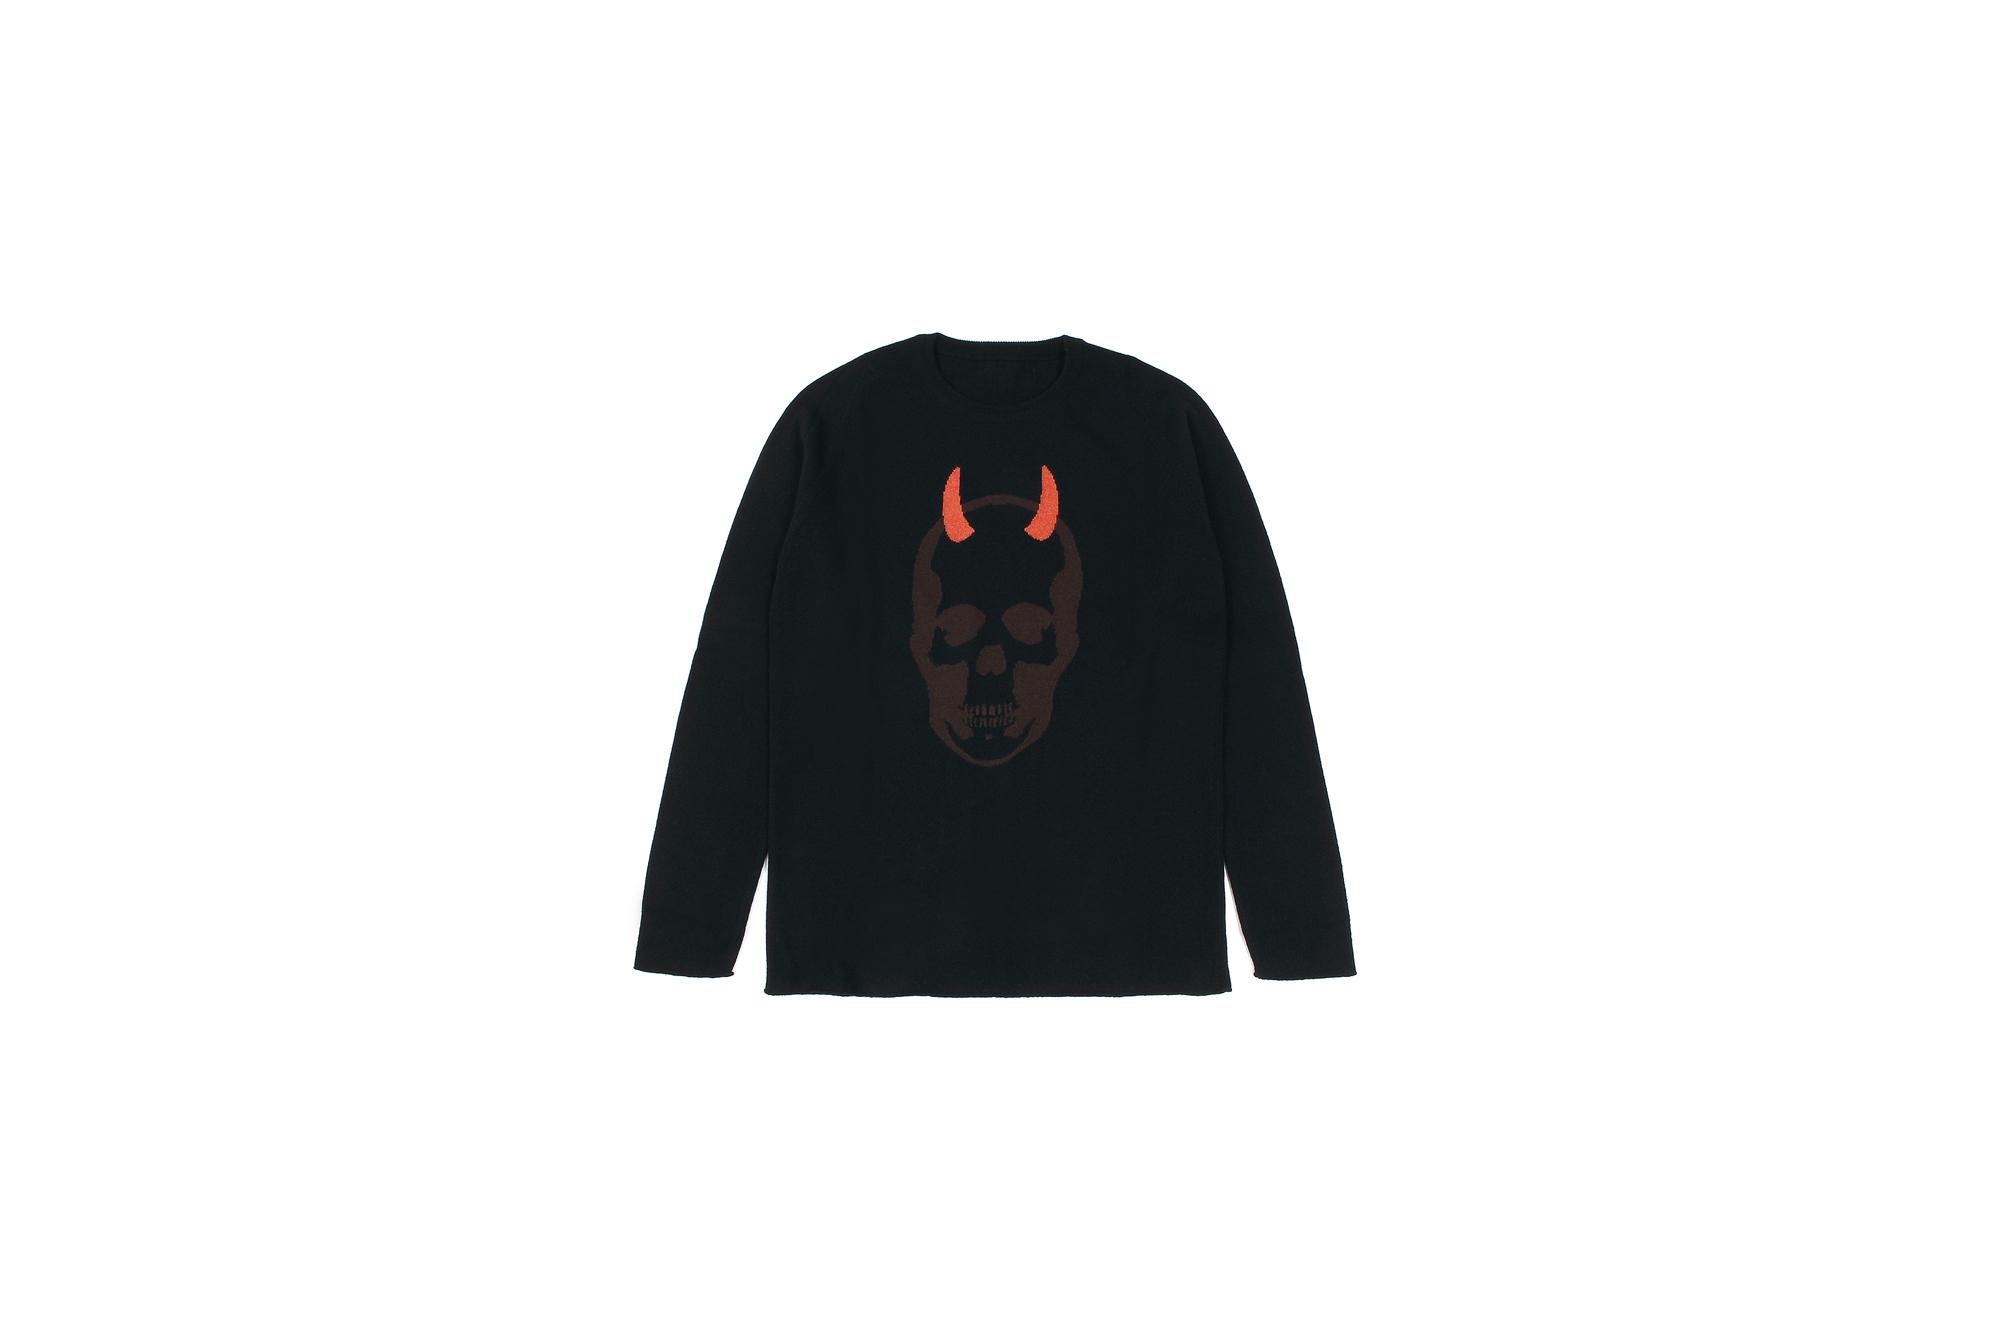 lucien pellat-finet(ルシアン ペラフィネ) Horn Skull Cashmere Sweater (ホーン スカル カシミア セーター) インターシャ カシミア スカル セーター BLACK × BROWN (ブラック × ブラウン) made in scotland (スコットランド製) 2020 春夏新作 愛知 名古屋 altoediritto アルトエデリット